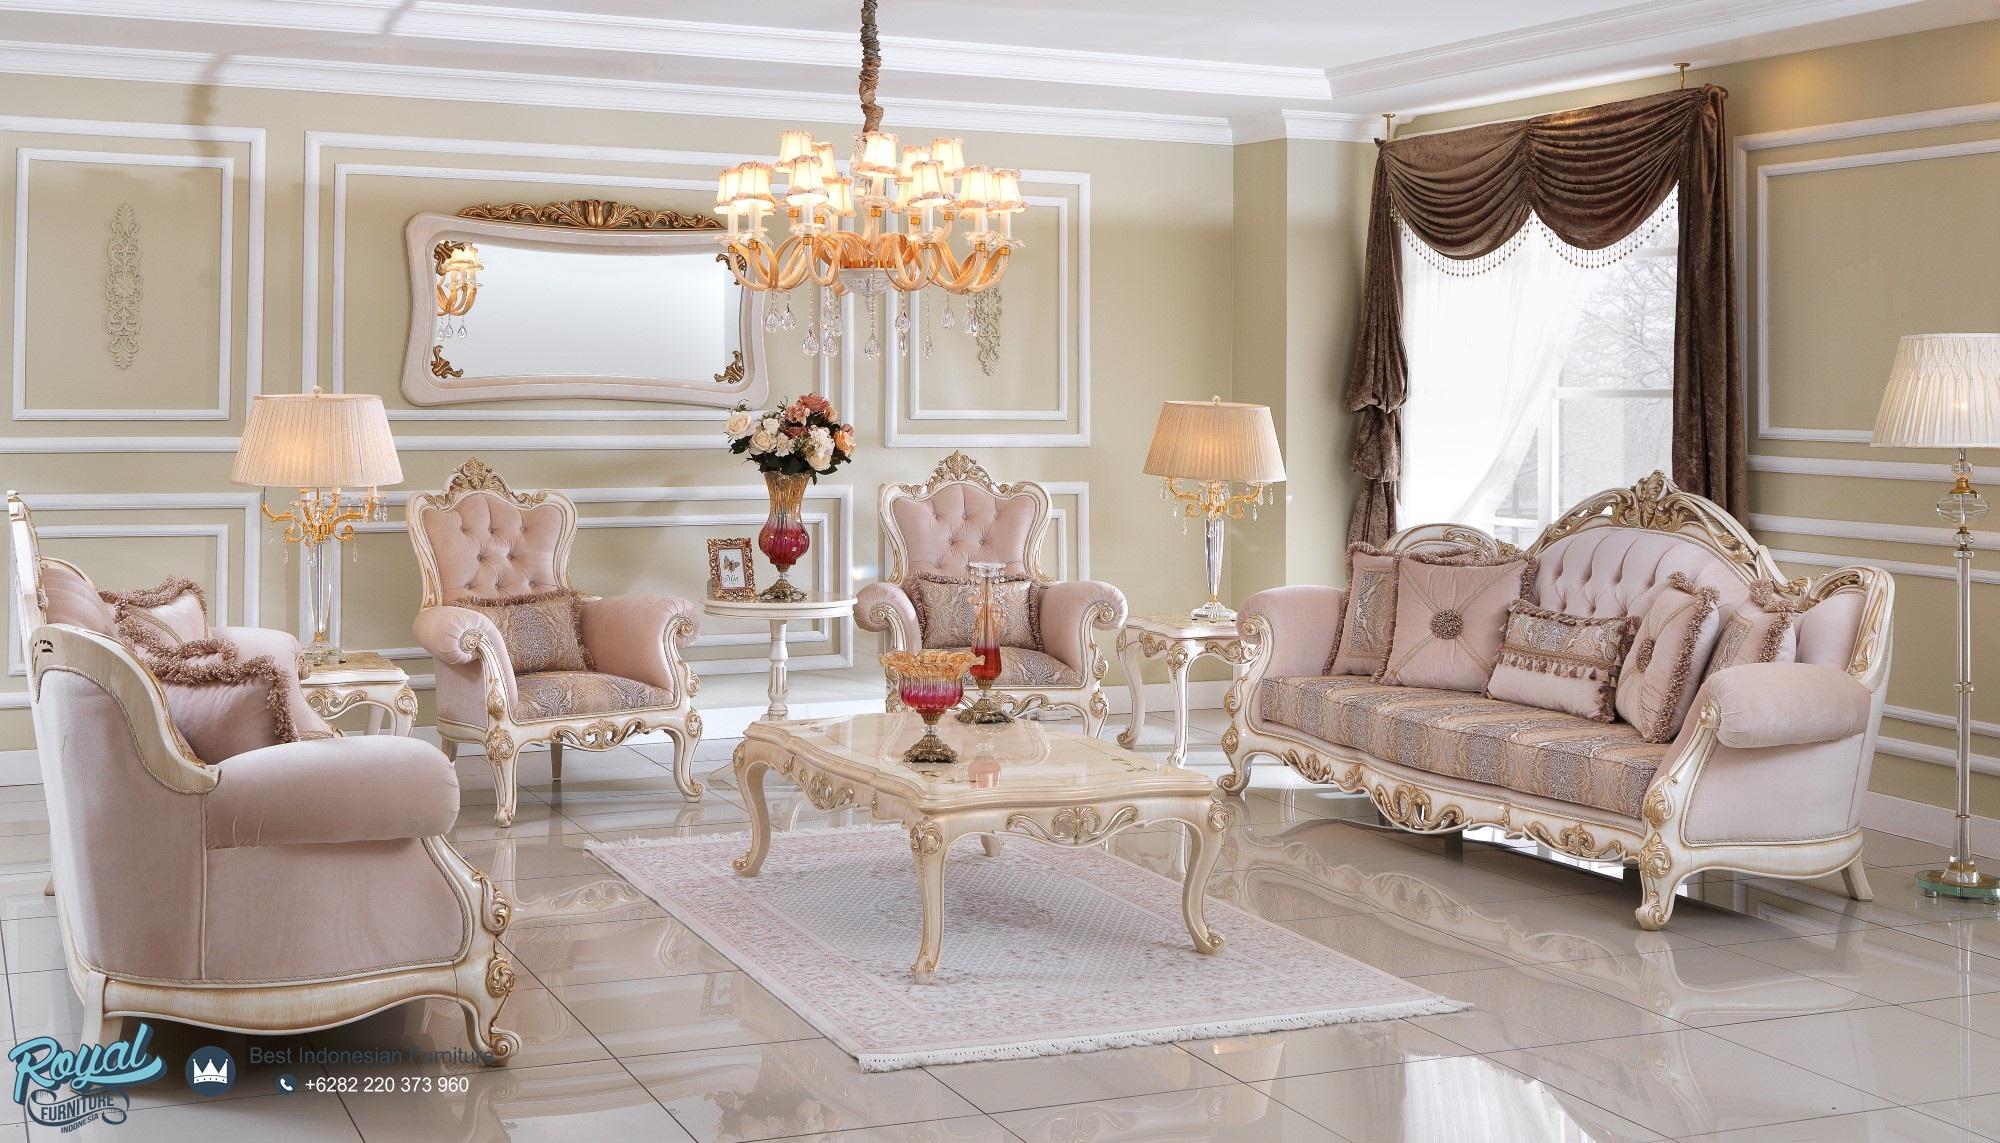 Set Sofa Tamu Duco Mewah Klasik Modern Model Terbaru, Set Sofa Tamu Terbaru,Set Sofa Tamu Mewah , Set Sofa tamu klasik, Furniture Sofa Tamu Minimalis, Furniture Sofa Tamu, Gambar Sofa Tamu, Harga Sofa Tamu Mewah, Kursi Sofa Tamu Mewah, Kursi Sofa Tamu Minimalis, Set Sofa Tamu Mewah, Sofa Kursi Tamu Jepara, Sofa Mewah Ruang Tamu, Sofa Ruang Tamu Elegan, Sofa Ruang Tamu Jati, Sofa Ruang Tamu Jepara, Sofa Ruang Tamu Mewah, Sofa Tamu Jati, Sofa Tamu Jati Jepara, Sofa Tamu Jati Minimalis, Sofa Tamu Jepara, Sofa Tamu Klasik, Sofa Tamu L Minimalis, Sofa Tamu Mewah, Sofa Tamu Mewah Klasik, Sofa Tamu Minimalis, Sofa Tamu Minimalis Jati, Sofa Tamu Minimalis Mewah, Sofa Tamu Minimalis Modern, Sofa Tamu Minimalis Murah, Sofa Tamu Minimalis Terbaru, Sofa Tamu Modern, Sofa Tamu Murah, Sofa Tamu Set Minimalis, Sofa Tamu Sudut Minimalis, Sofa Tamu Ukir Mewah, Sofa Tamu Ukiran Jepara,Royal Furniture